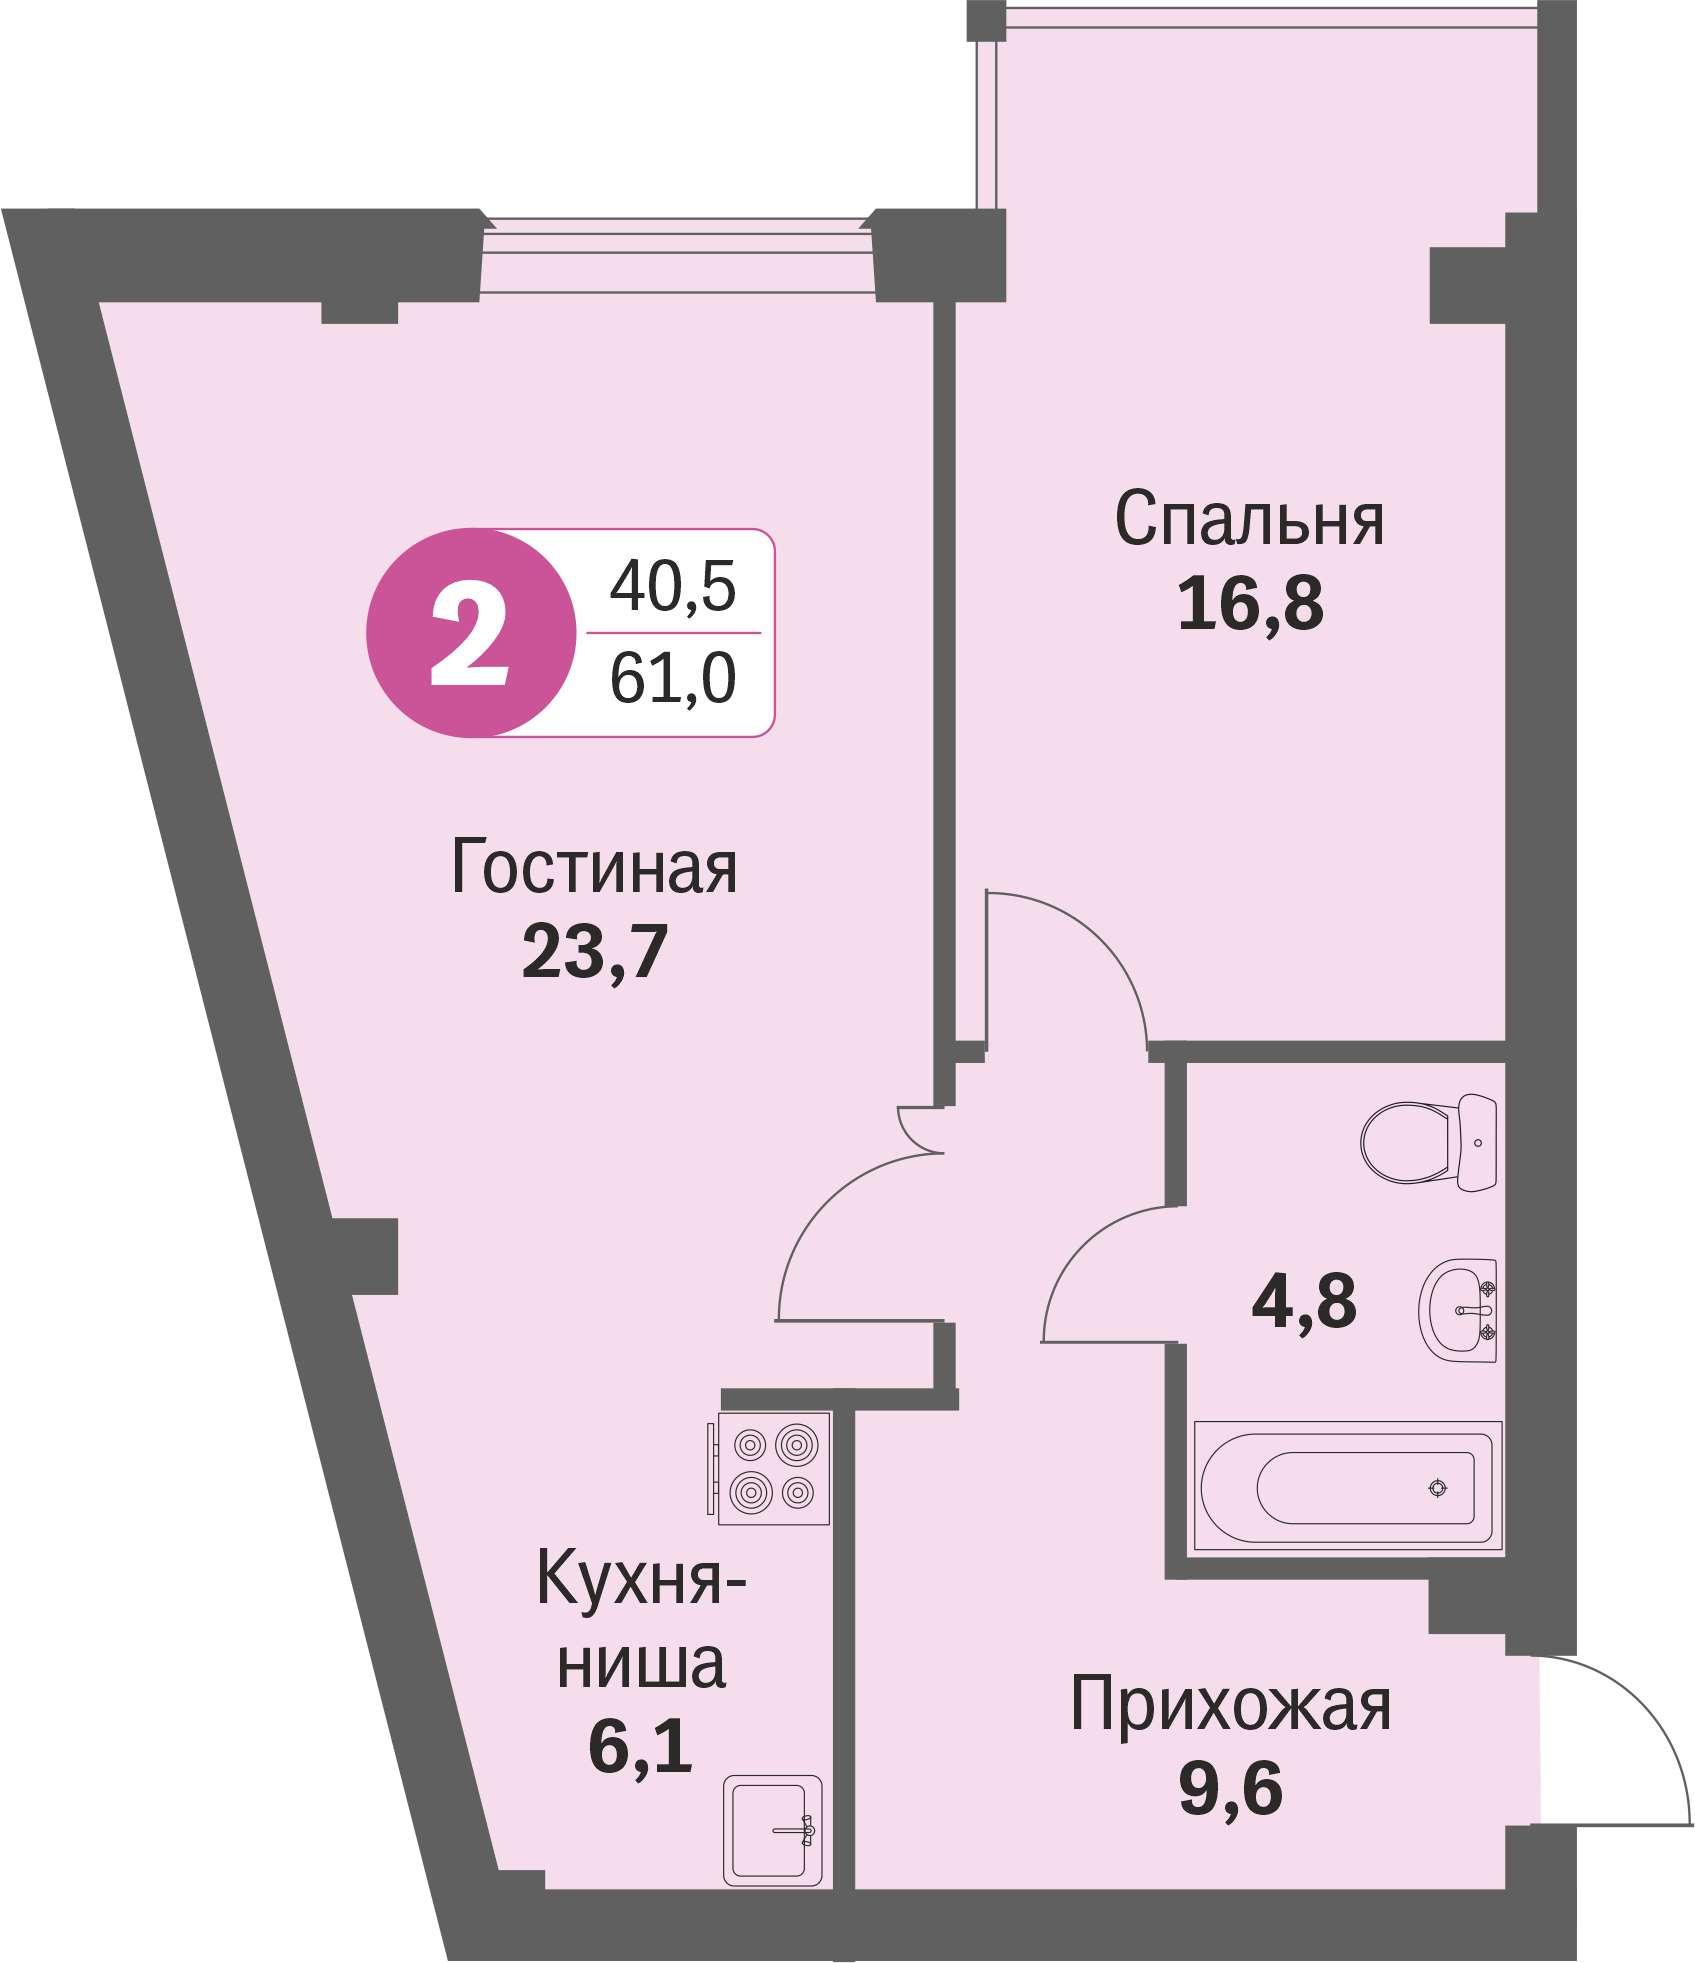 ул. Свиридова, 14, квартира 216 - Двухкомнатная